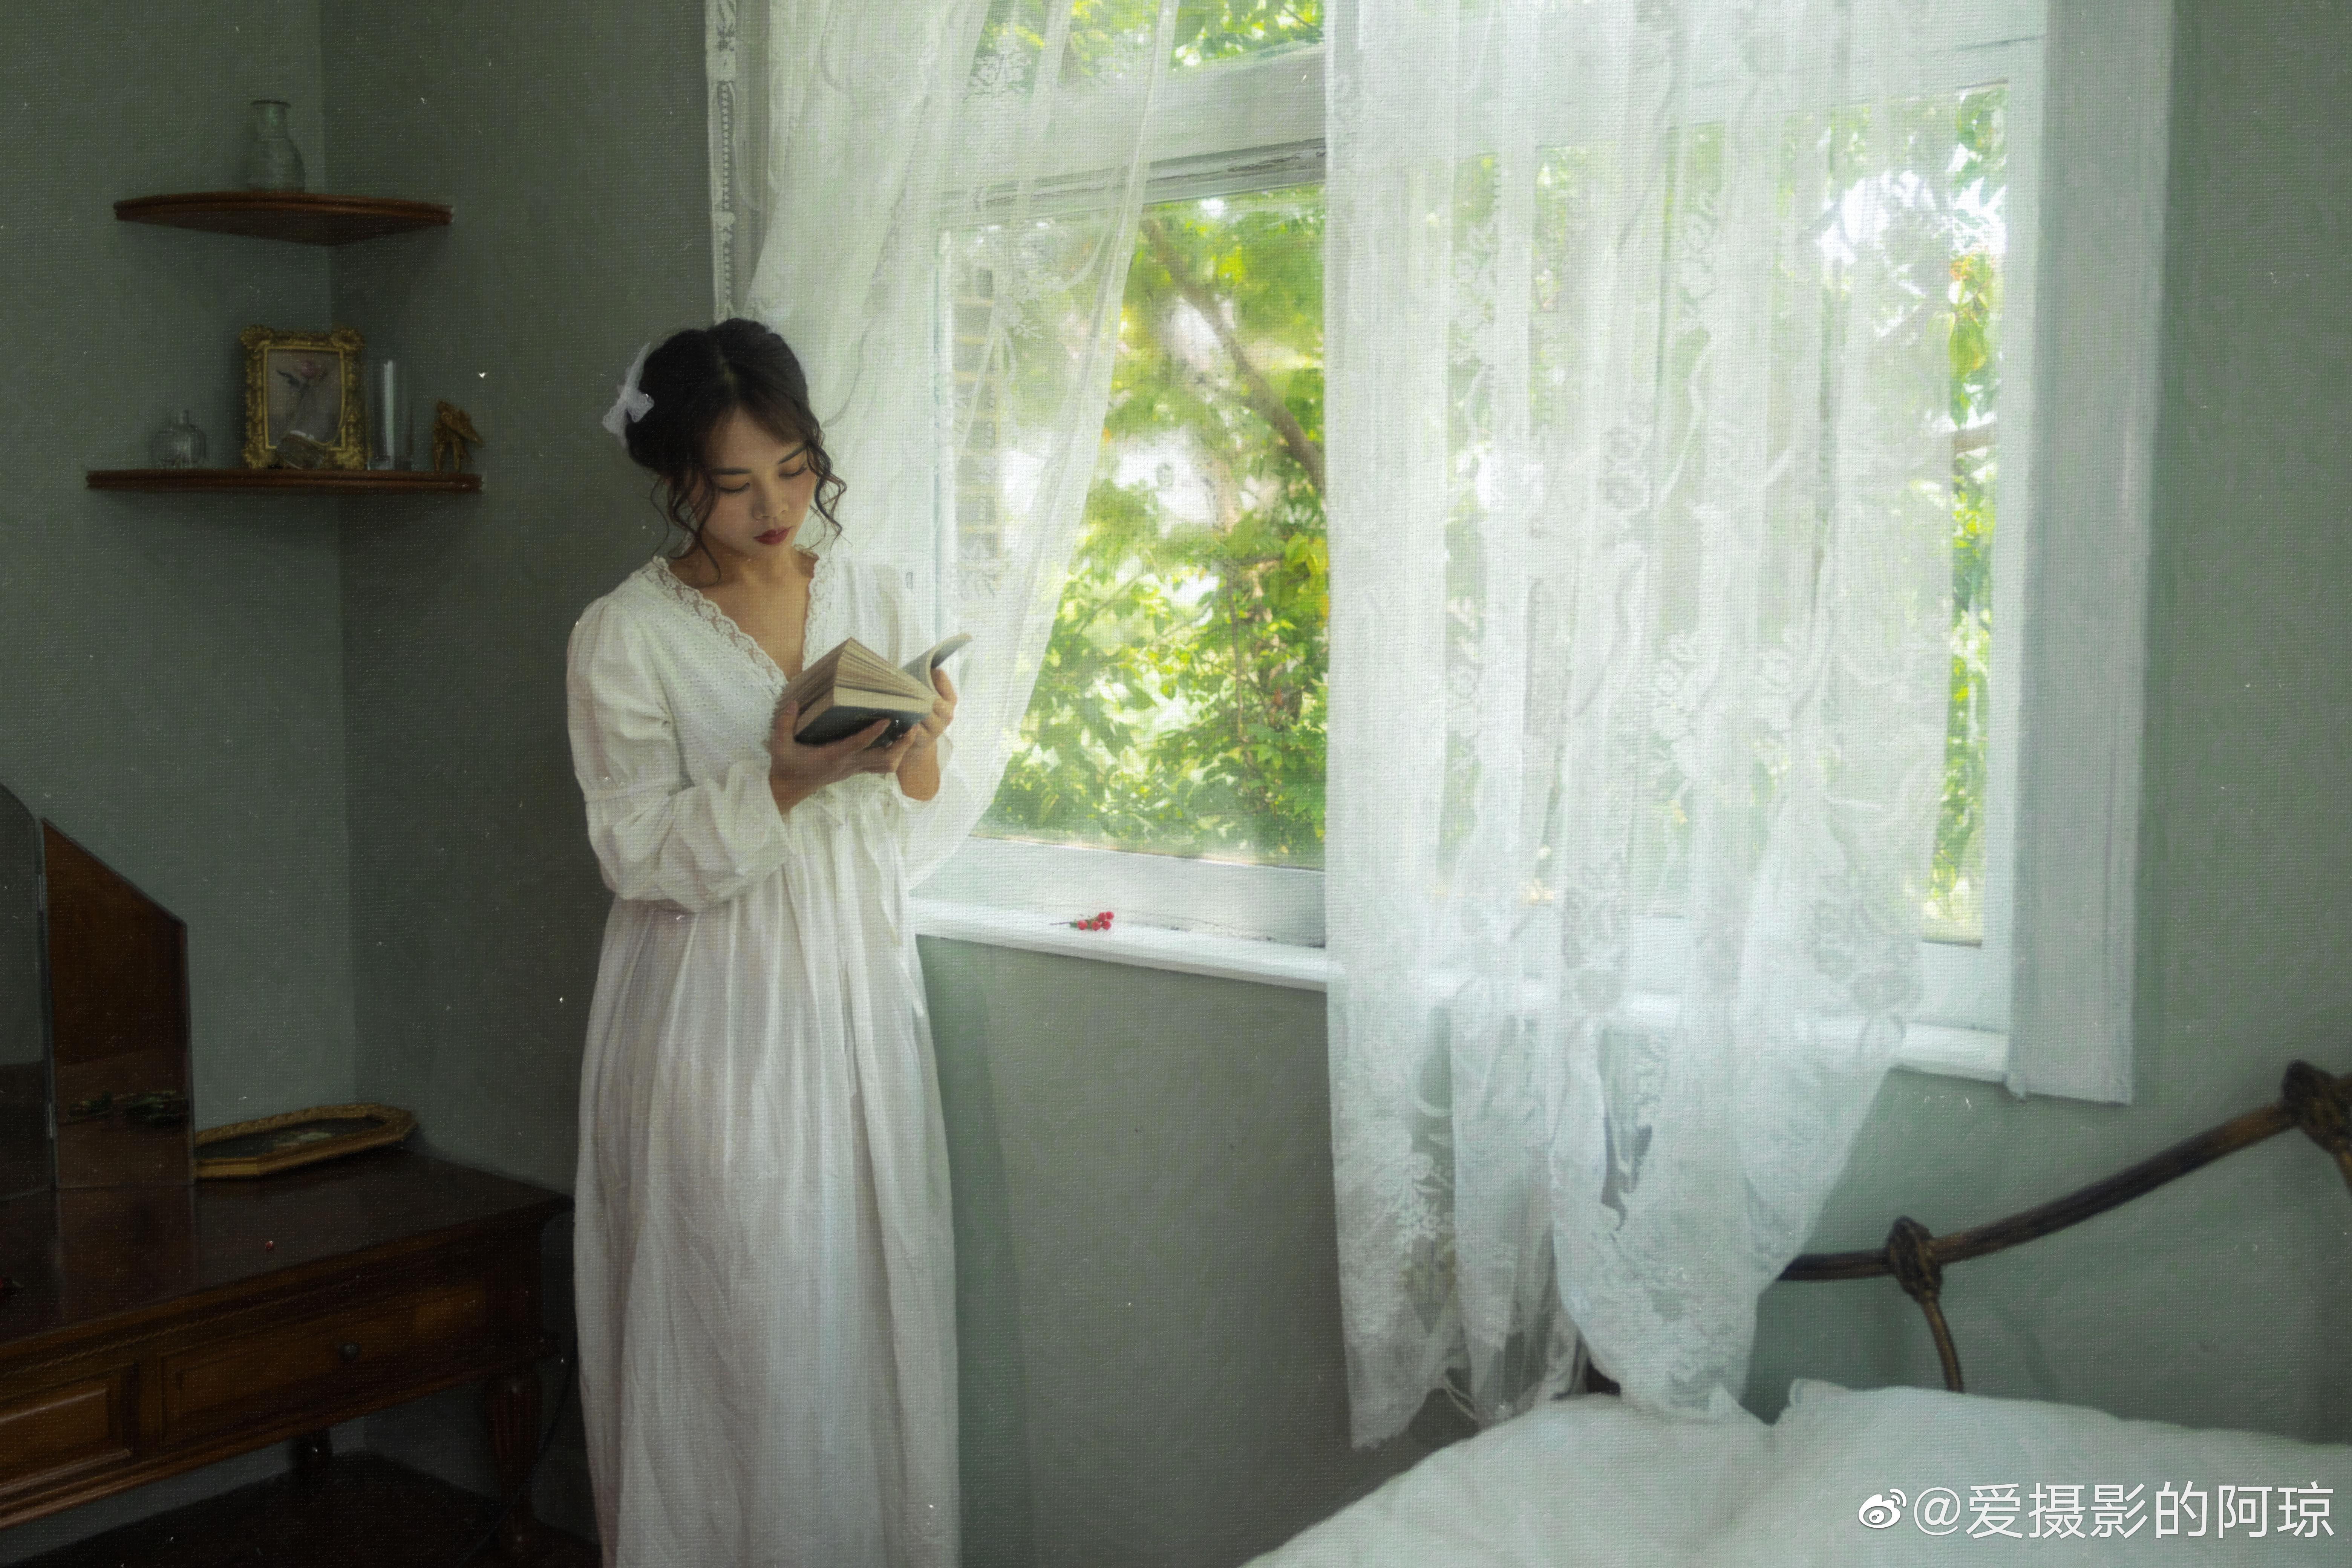 公主日记少女心事广州约拍少女写真摄影油画...美女